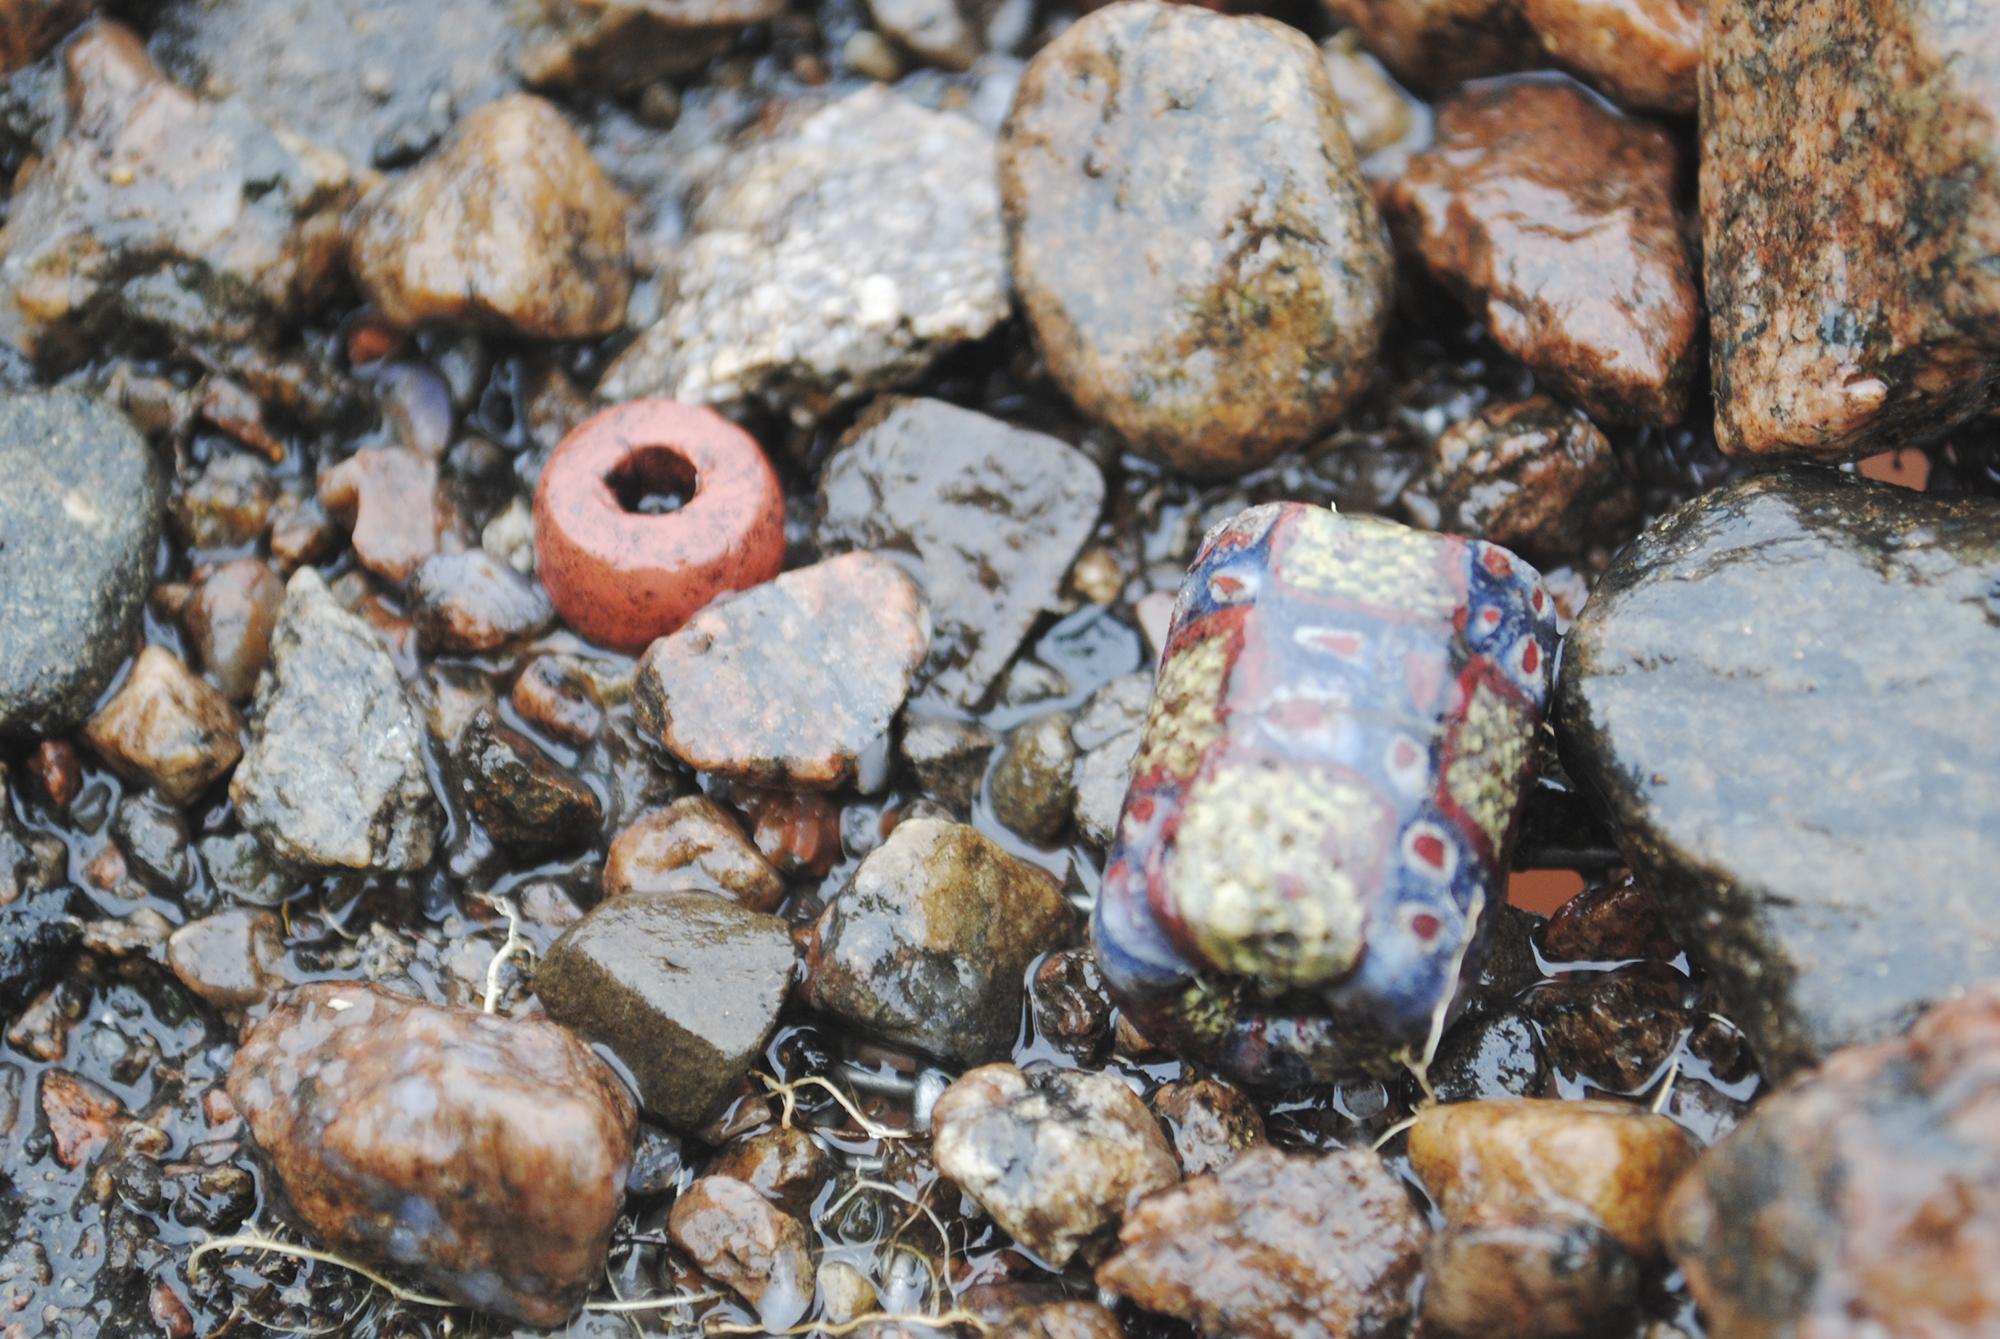 Två glaspärlor i sållet. Foto: Elin Säll, Arkeologerna.